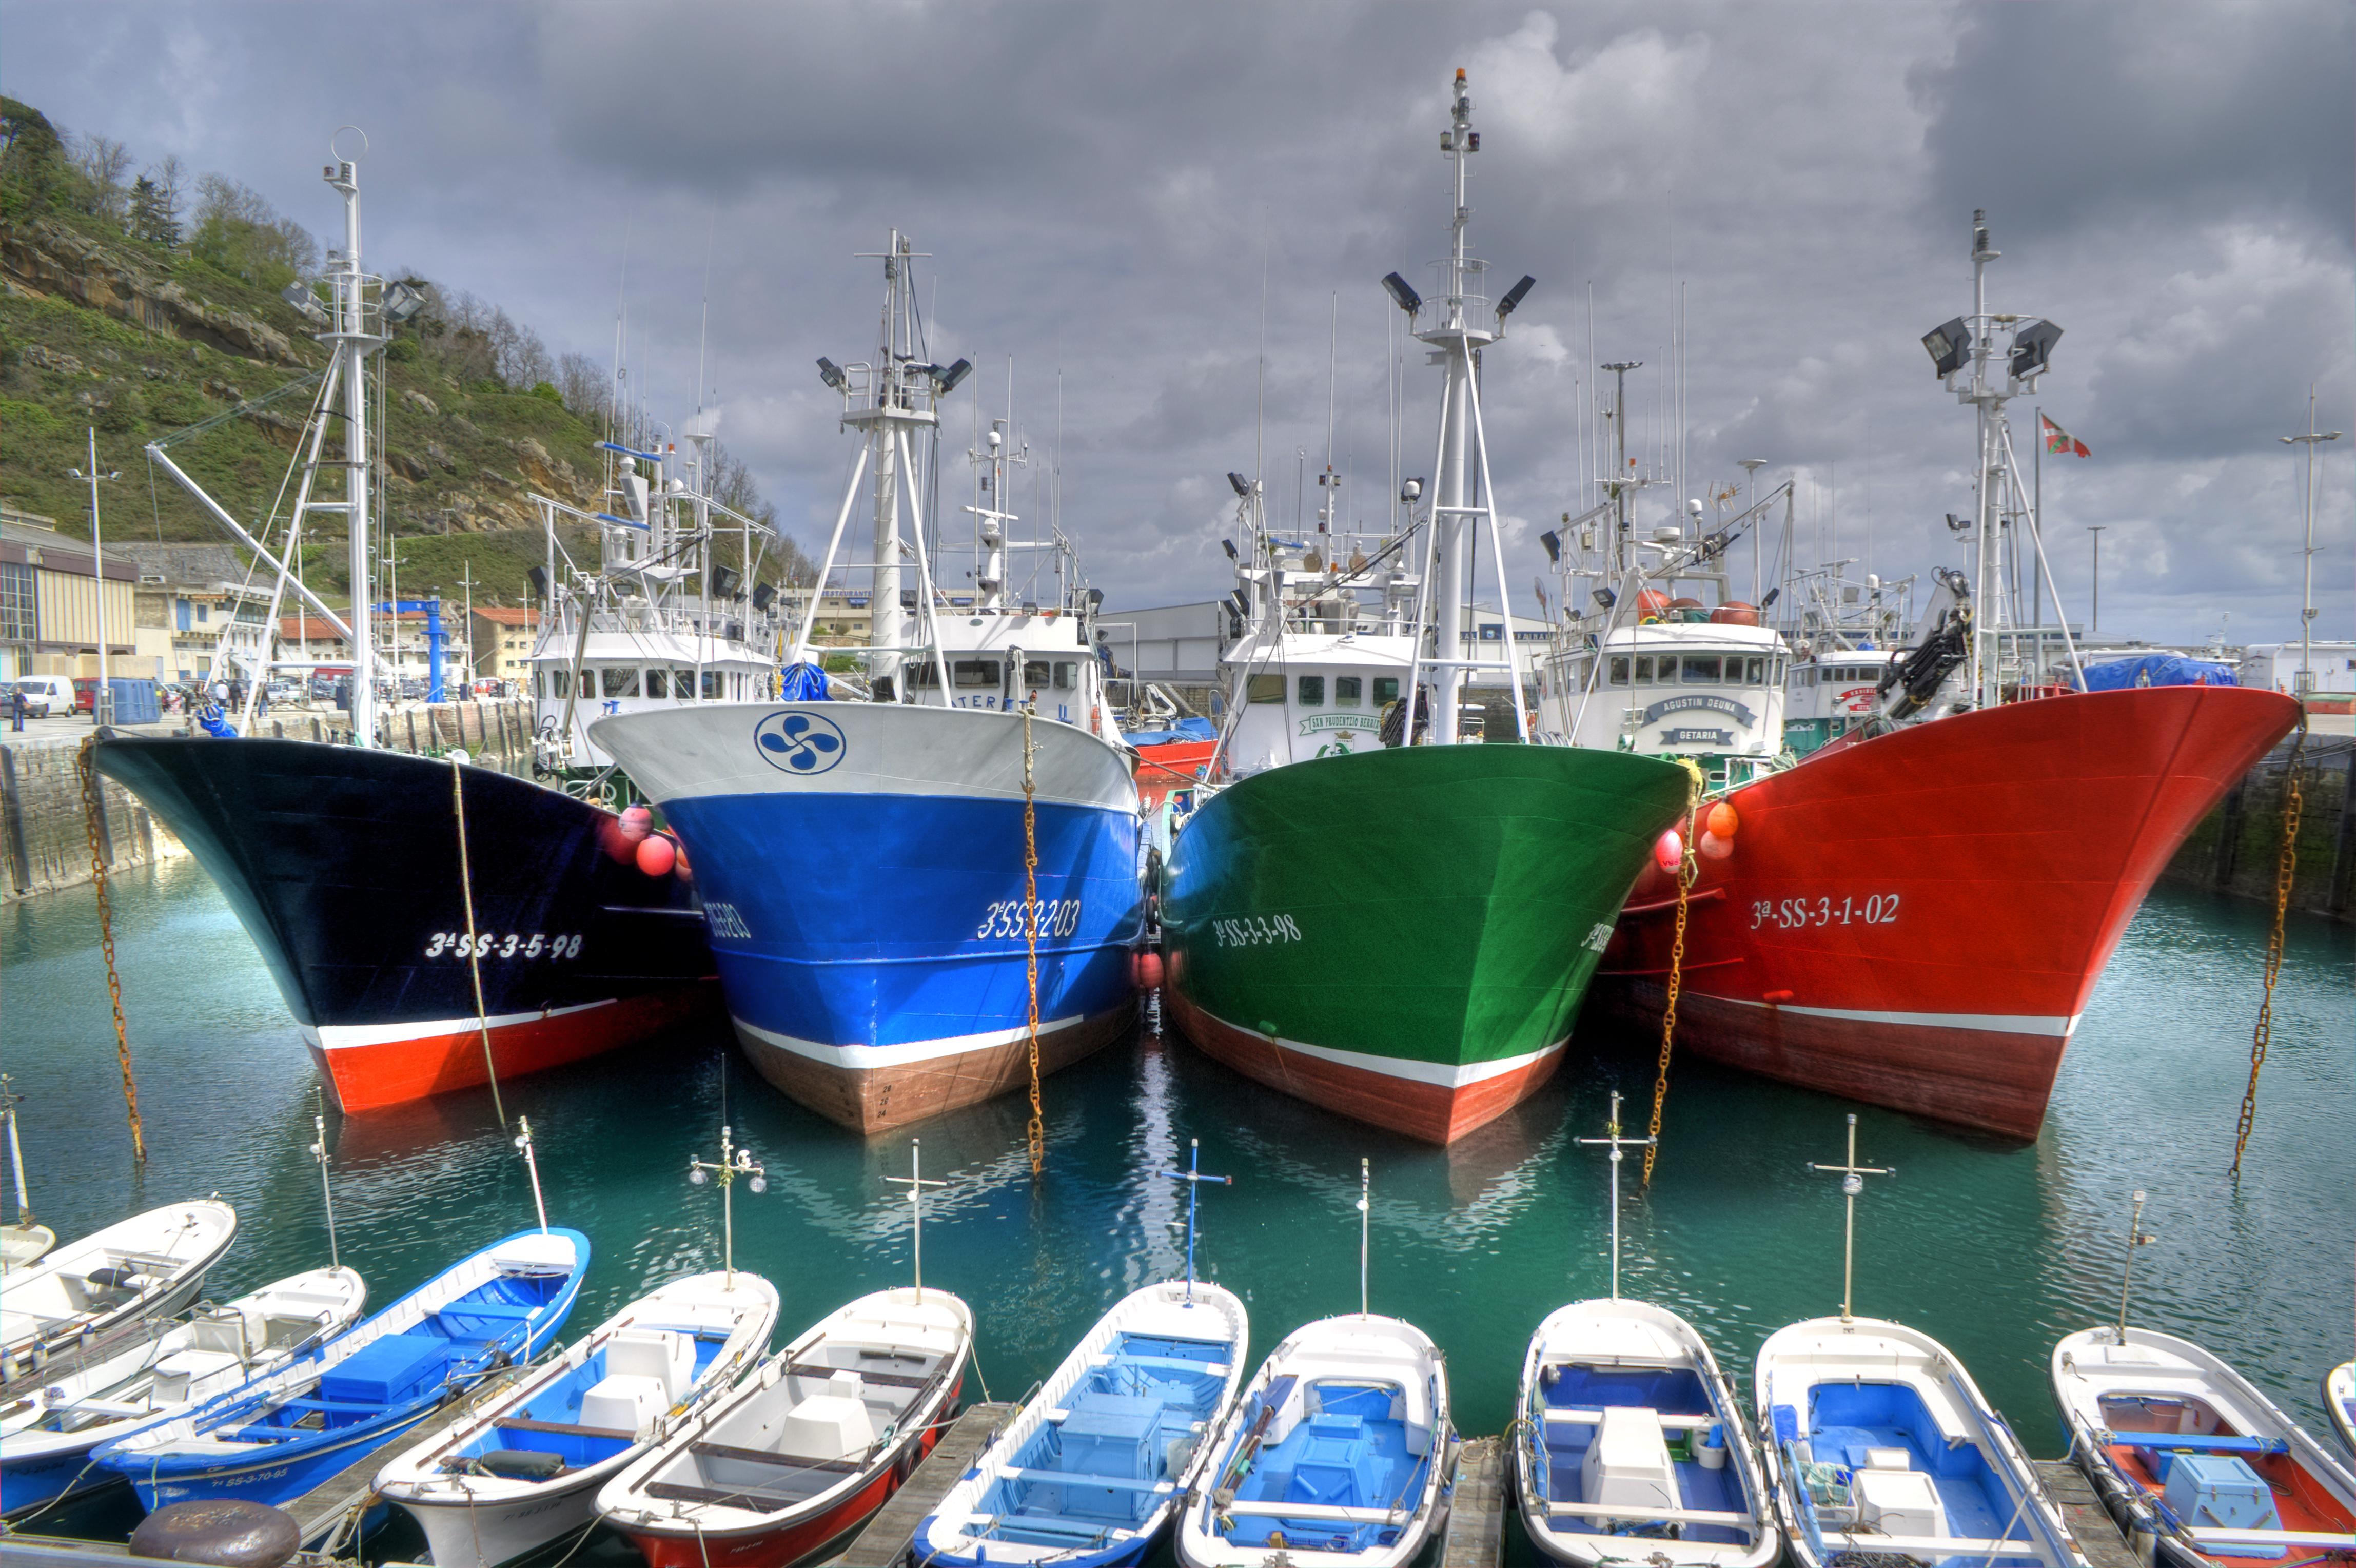 Cuatro barcos de pesca de color negro, azul, verde y rojo atracados en un puerto de la costa del país vasco, con el cielo nublado